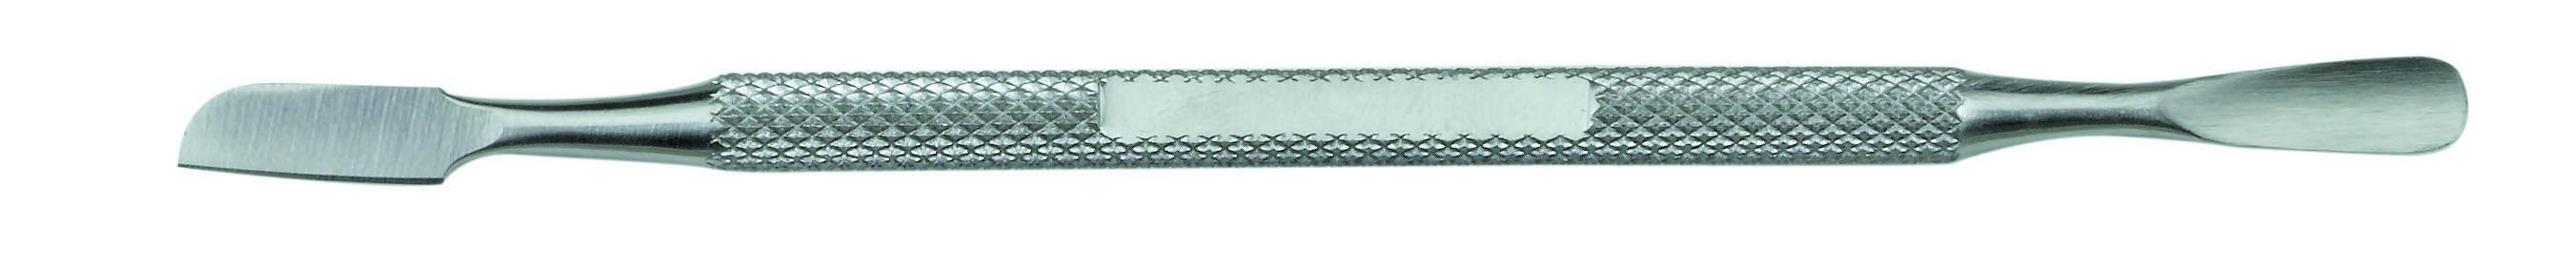 KIEPE Пушер для кутикулы двухсторонний, нержавеющая сталь, 13 см -  Особые аксессуары